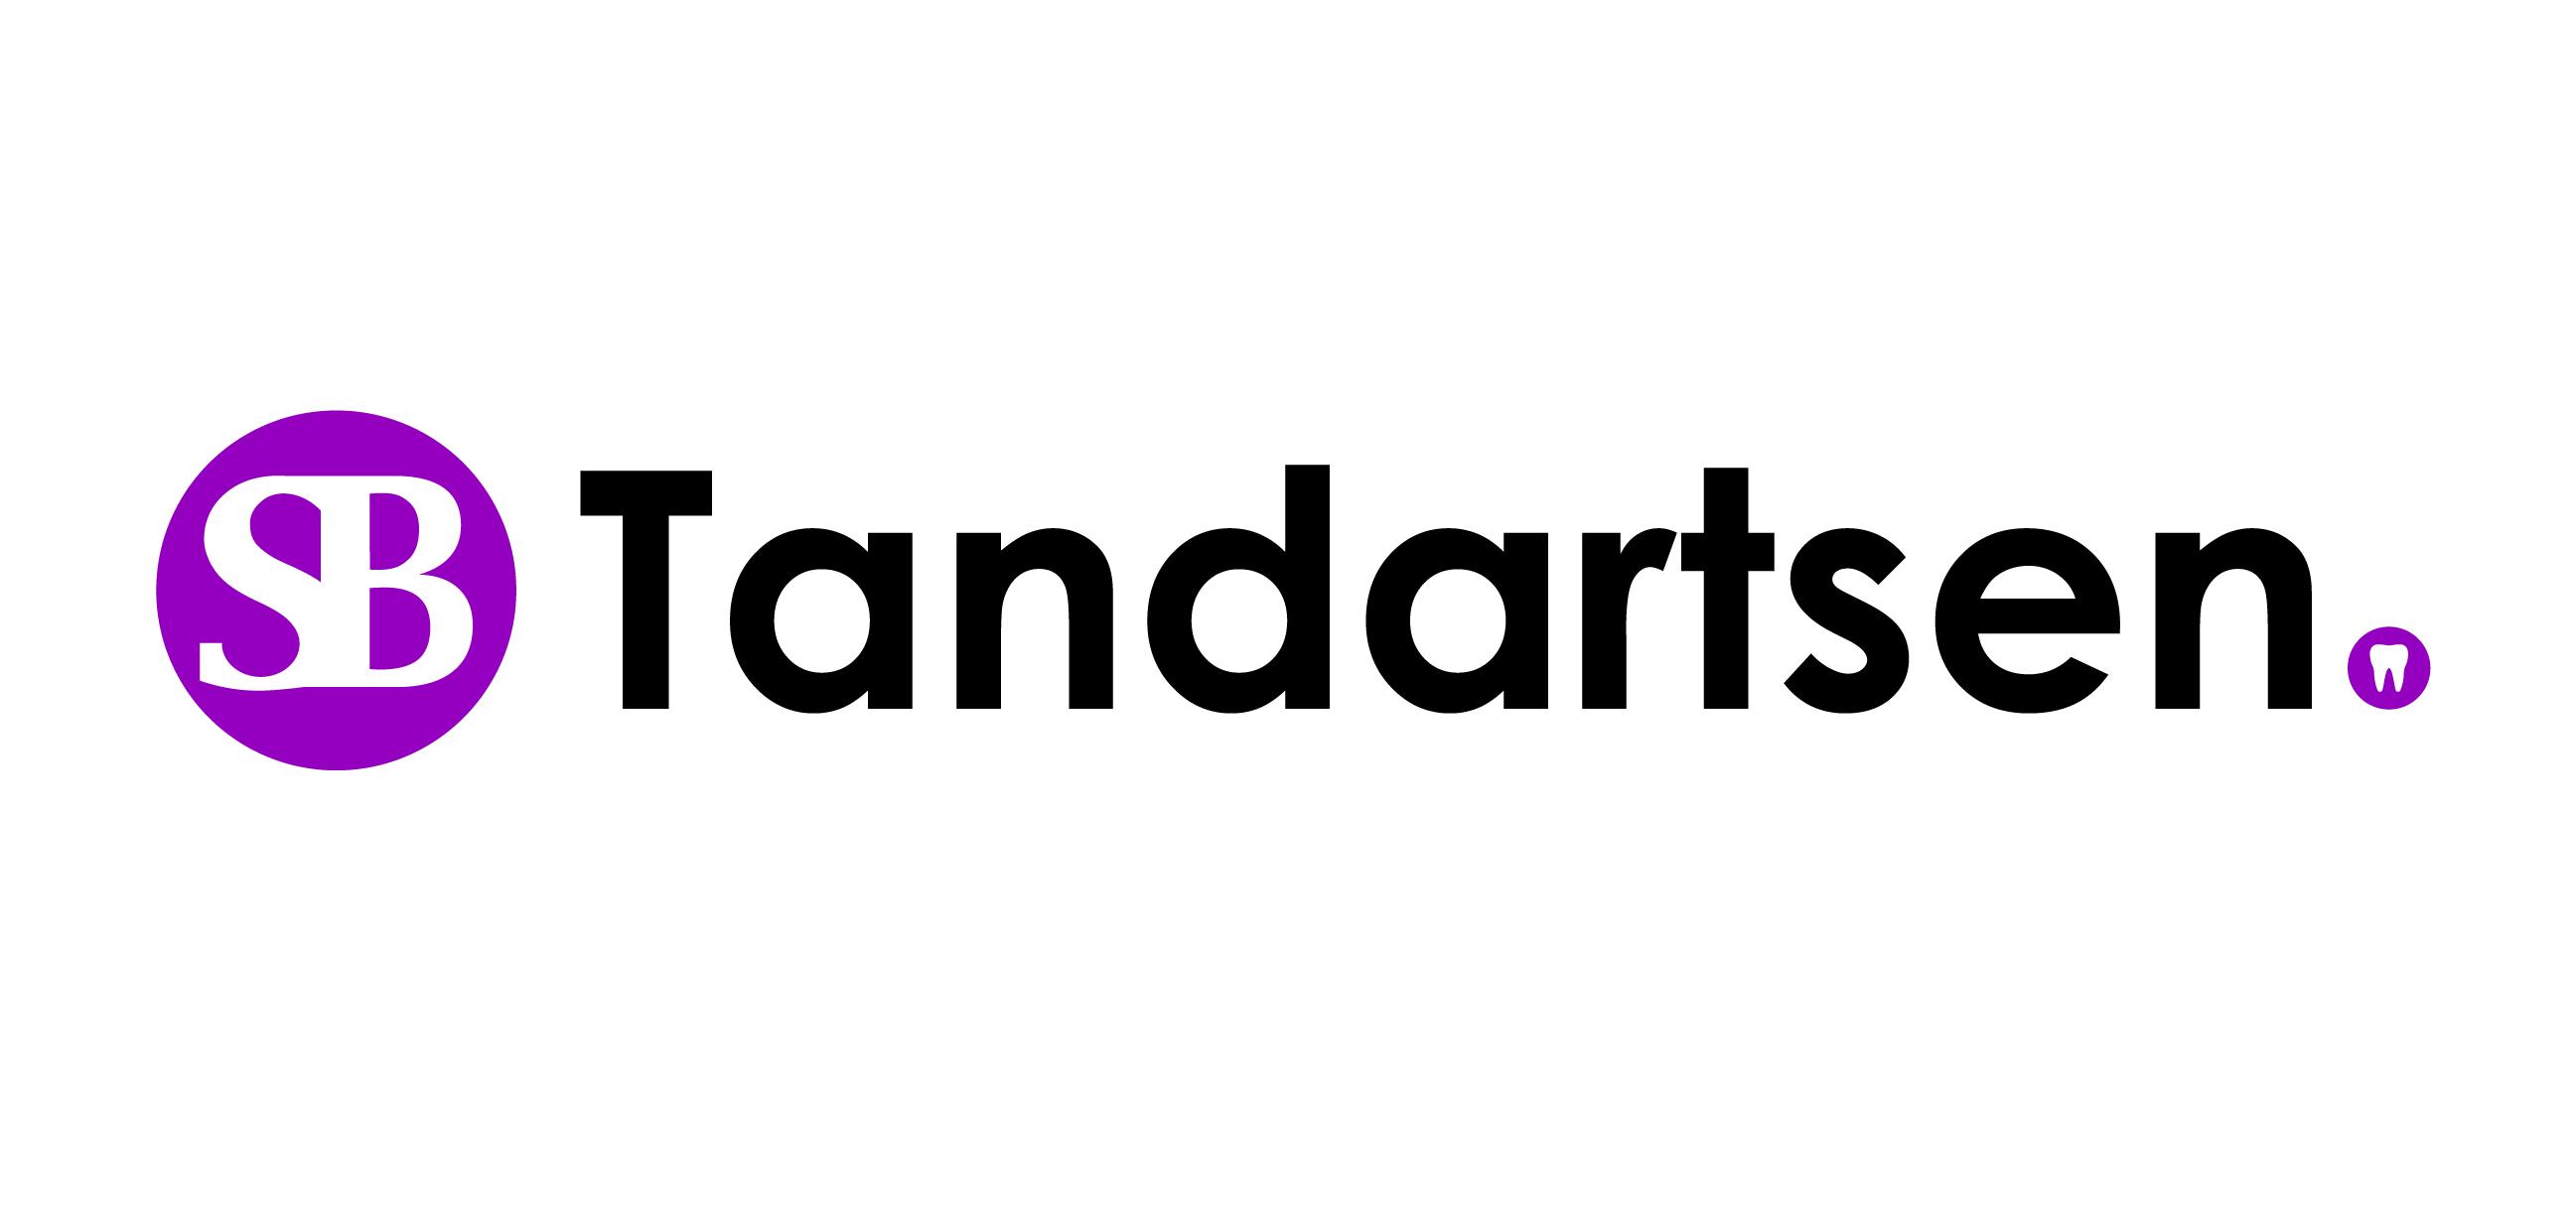 SB Tandartsen